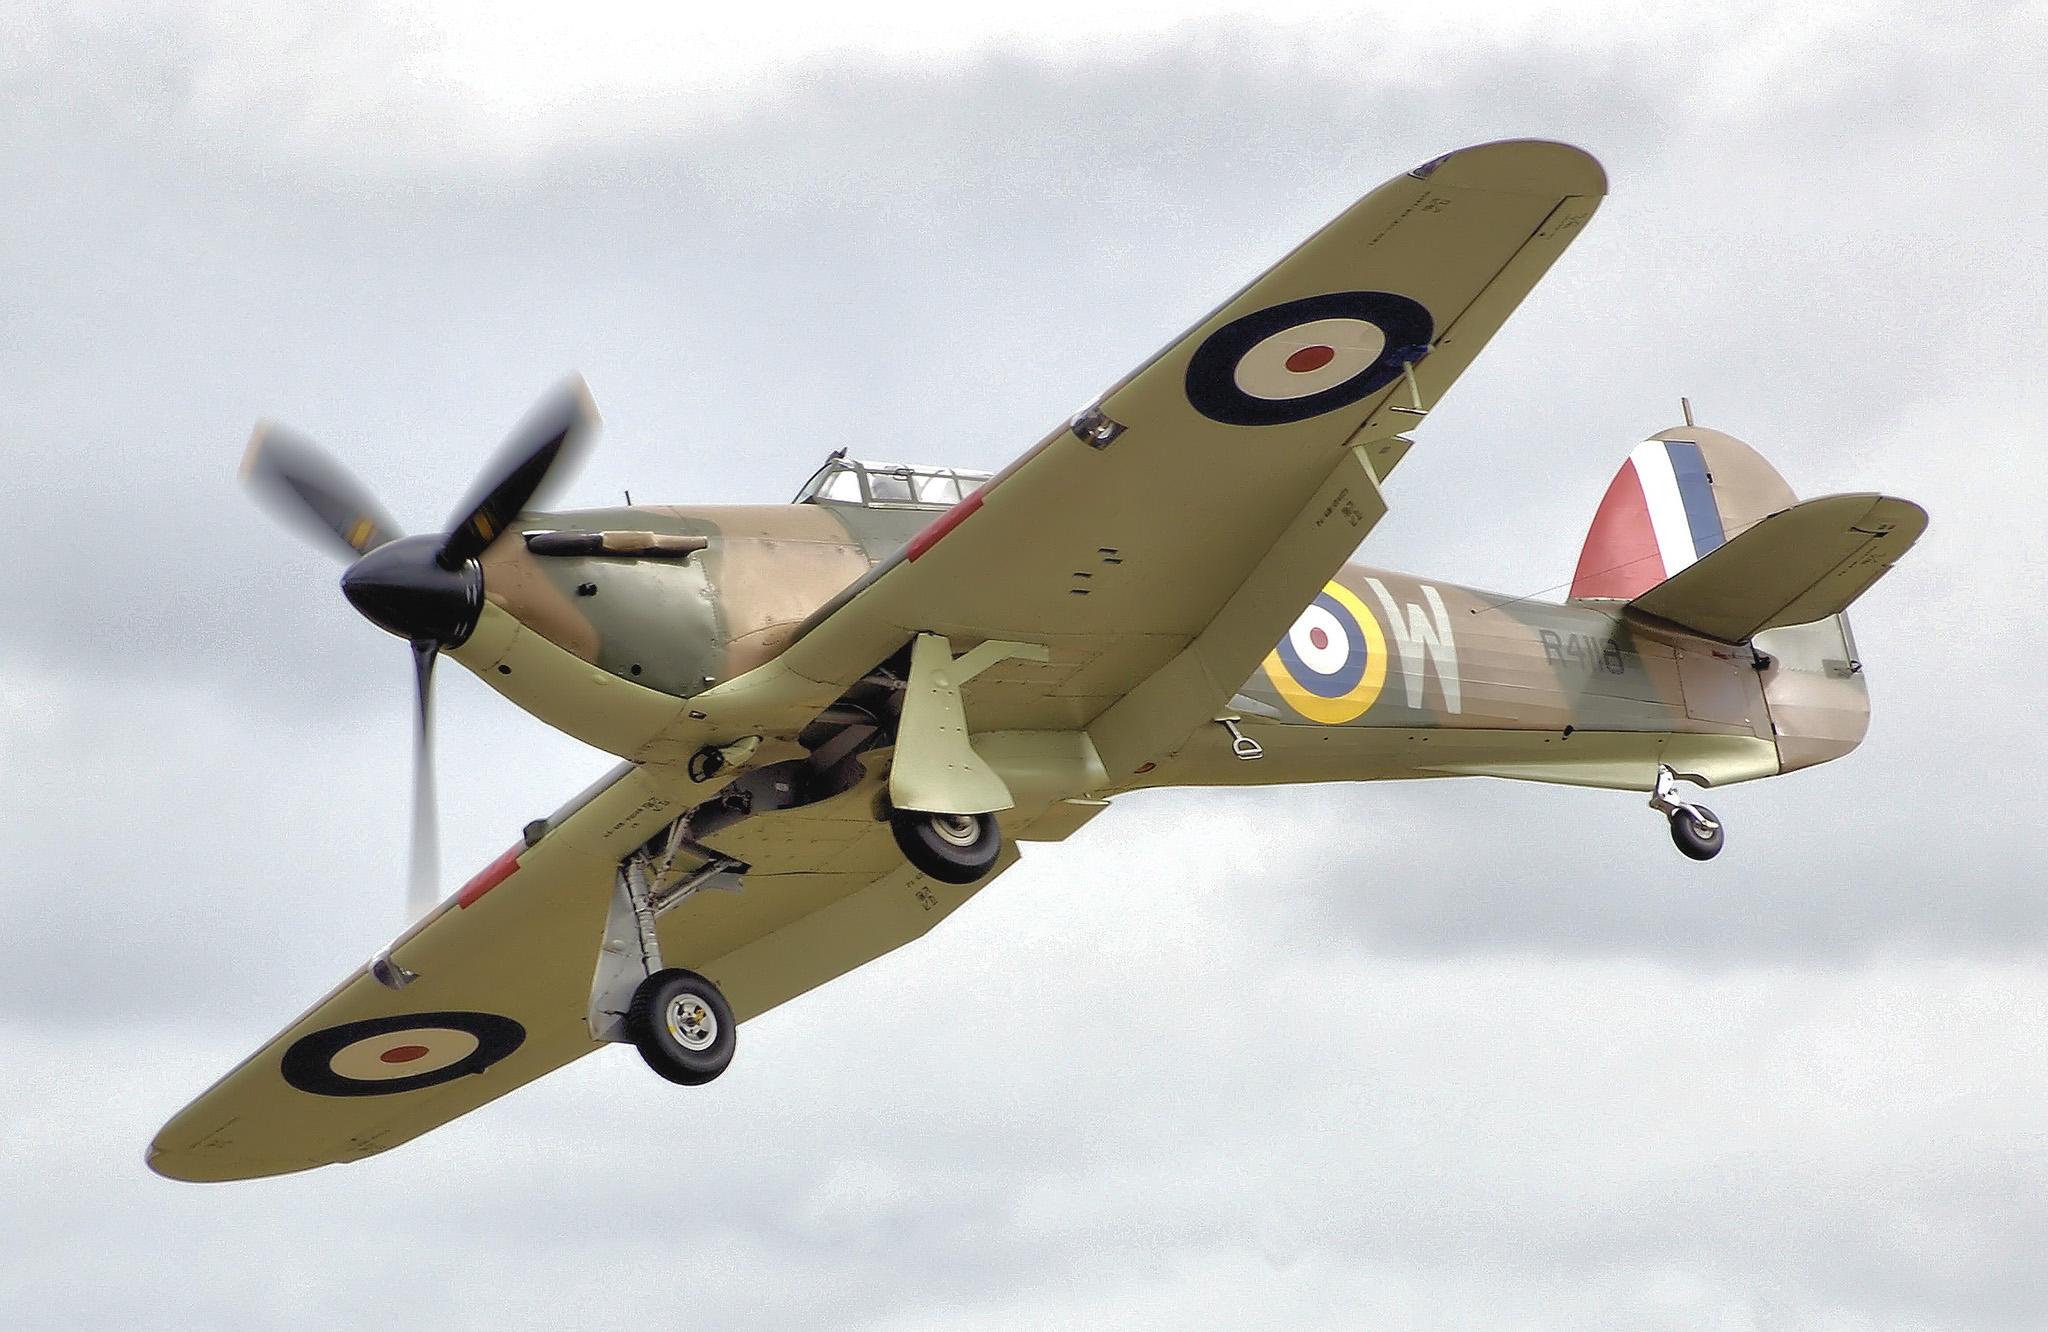 Hawker Hurricane Mk 1  R 4118. El único superviviente de los Hurricanes que combatieron en la Batalla de Inglaterra. En el escuadrón 603 realizó 49 salidas de combate, anotándose 3 derribos confirmados y 2 probables